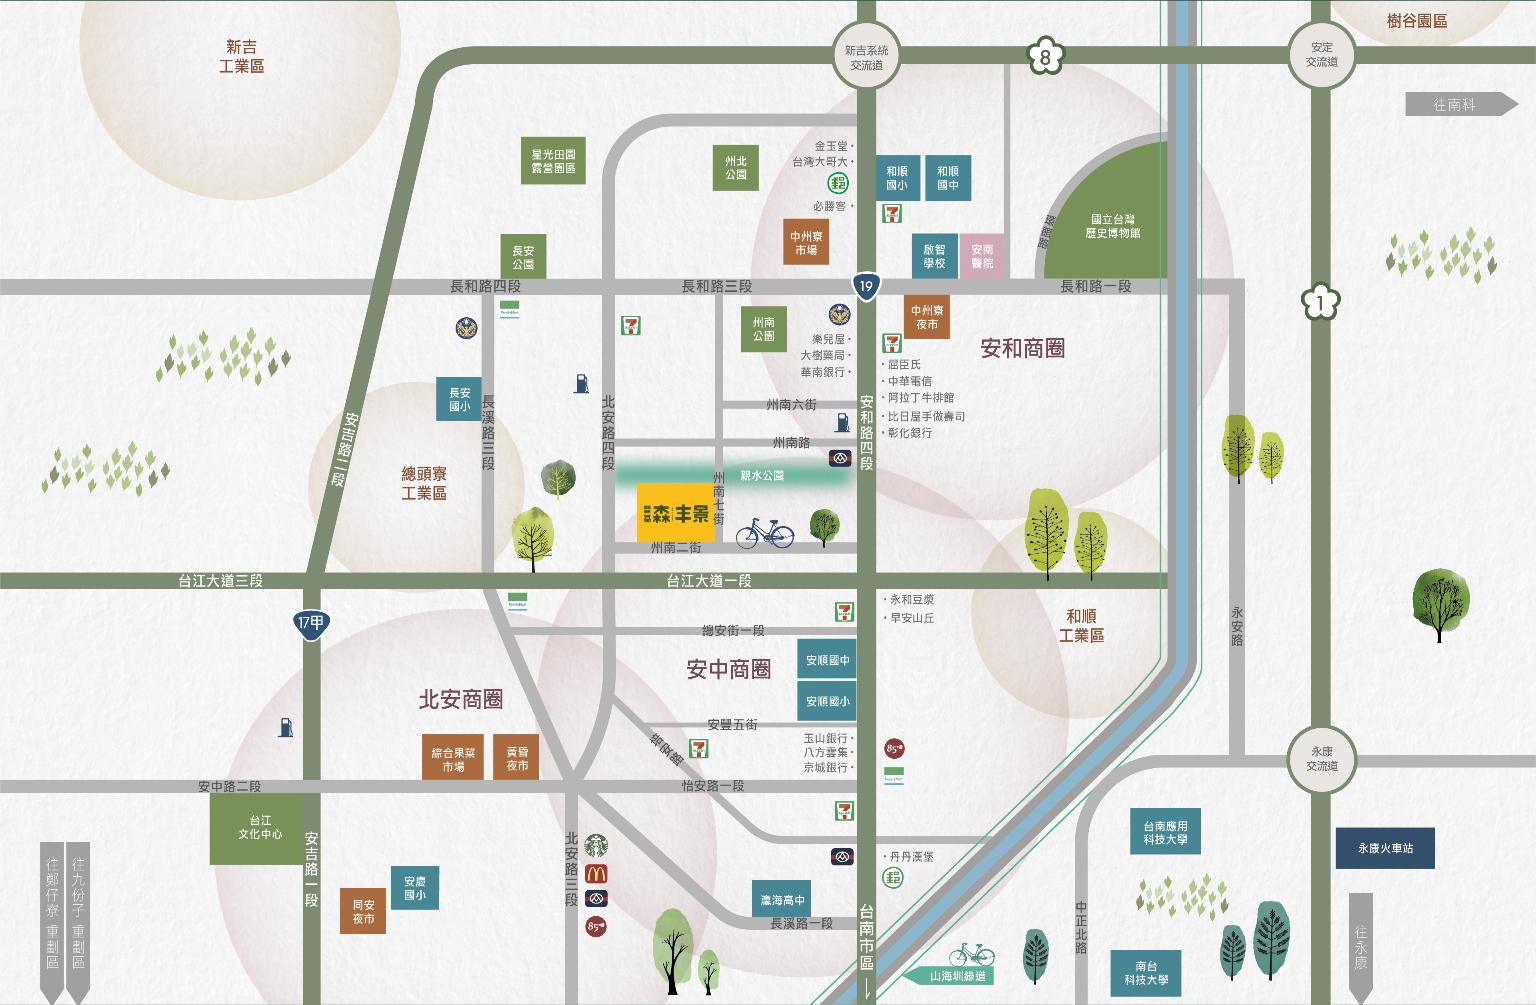 晉基建設-森丰景-地理位置圖